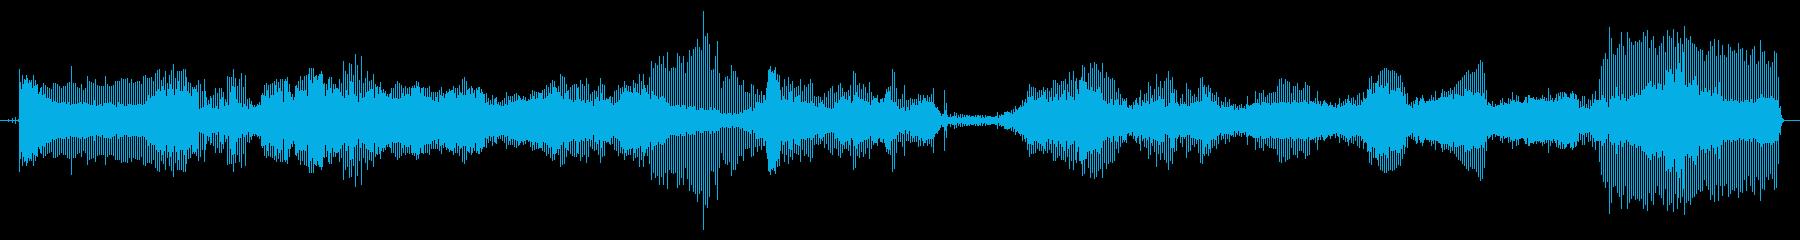 電動はさみ:開始、低速切断、停止、...の再生済みの波形